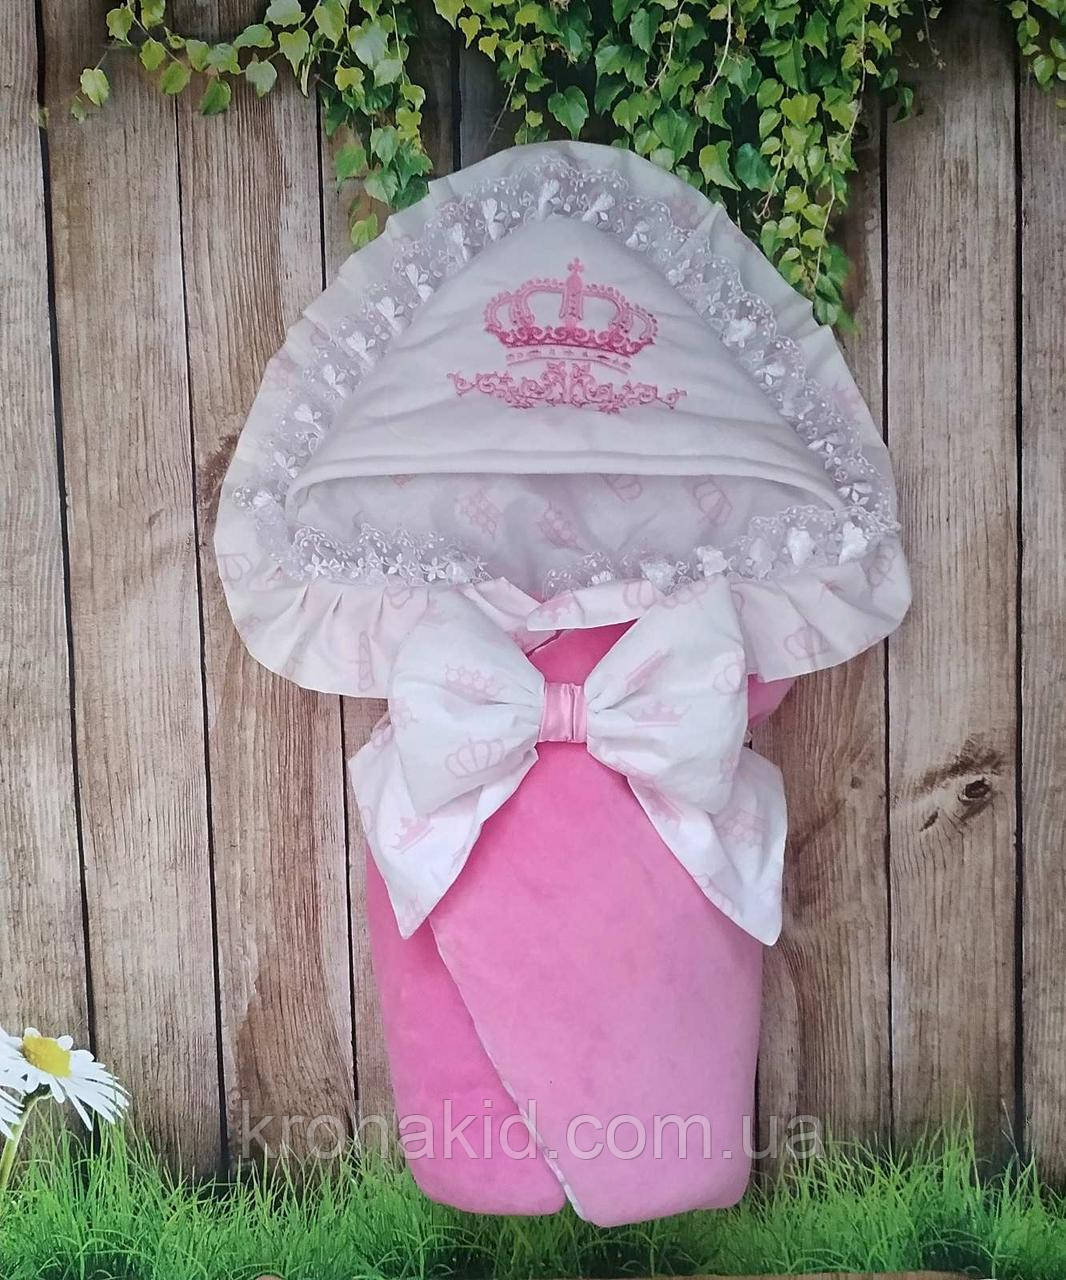 Детский демисезонный велюровый конверт на выписку, конверт-одеяло, нарядный конверт на выписку (ВЕСНА/ ОСЕНЬ)